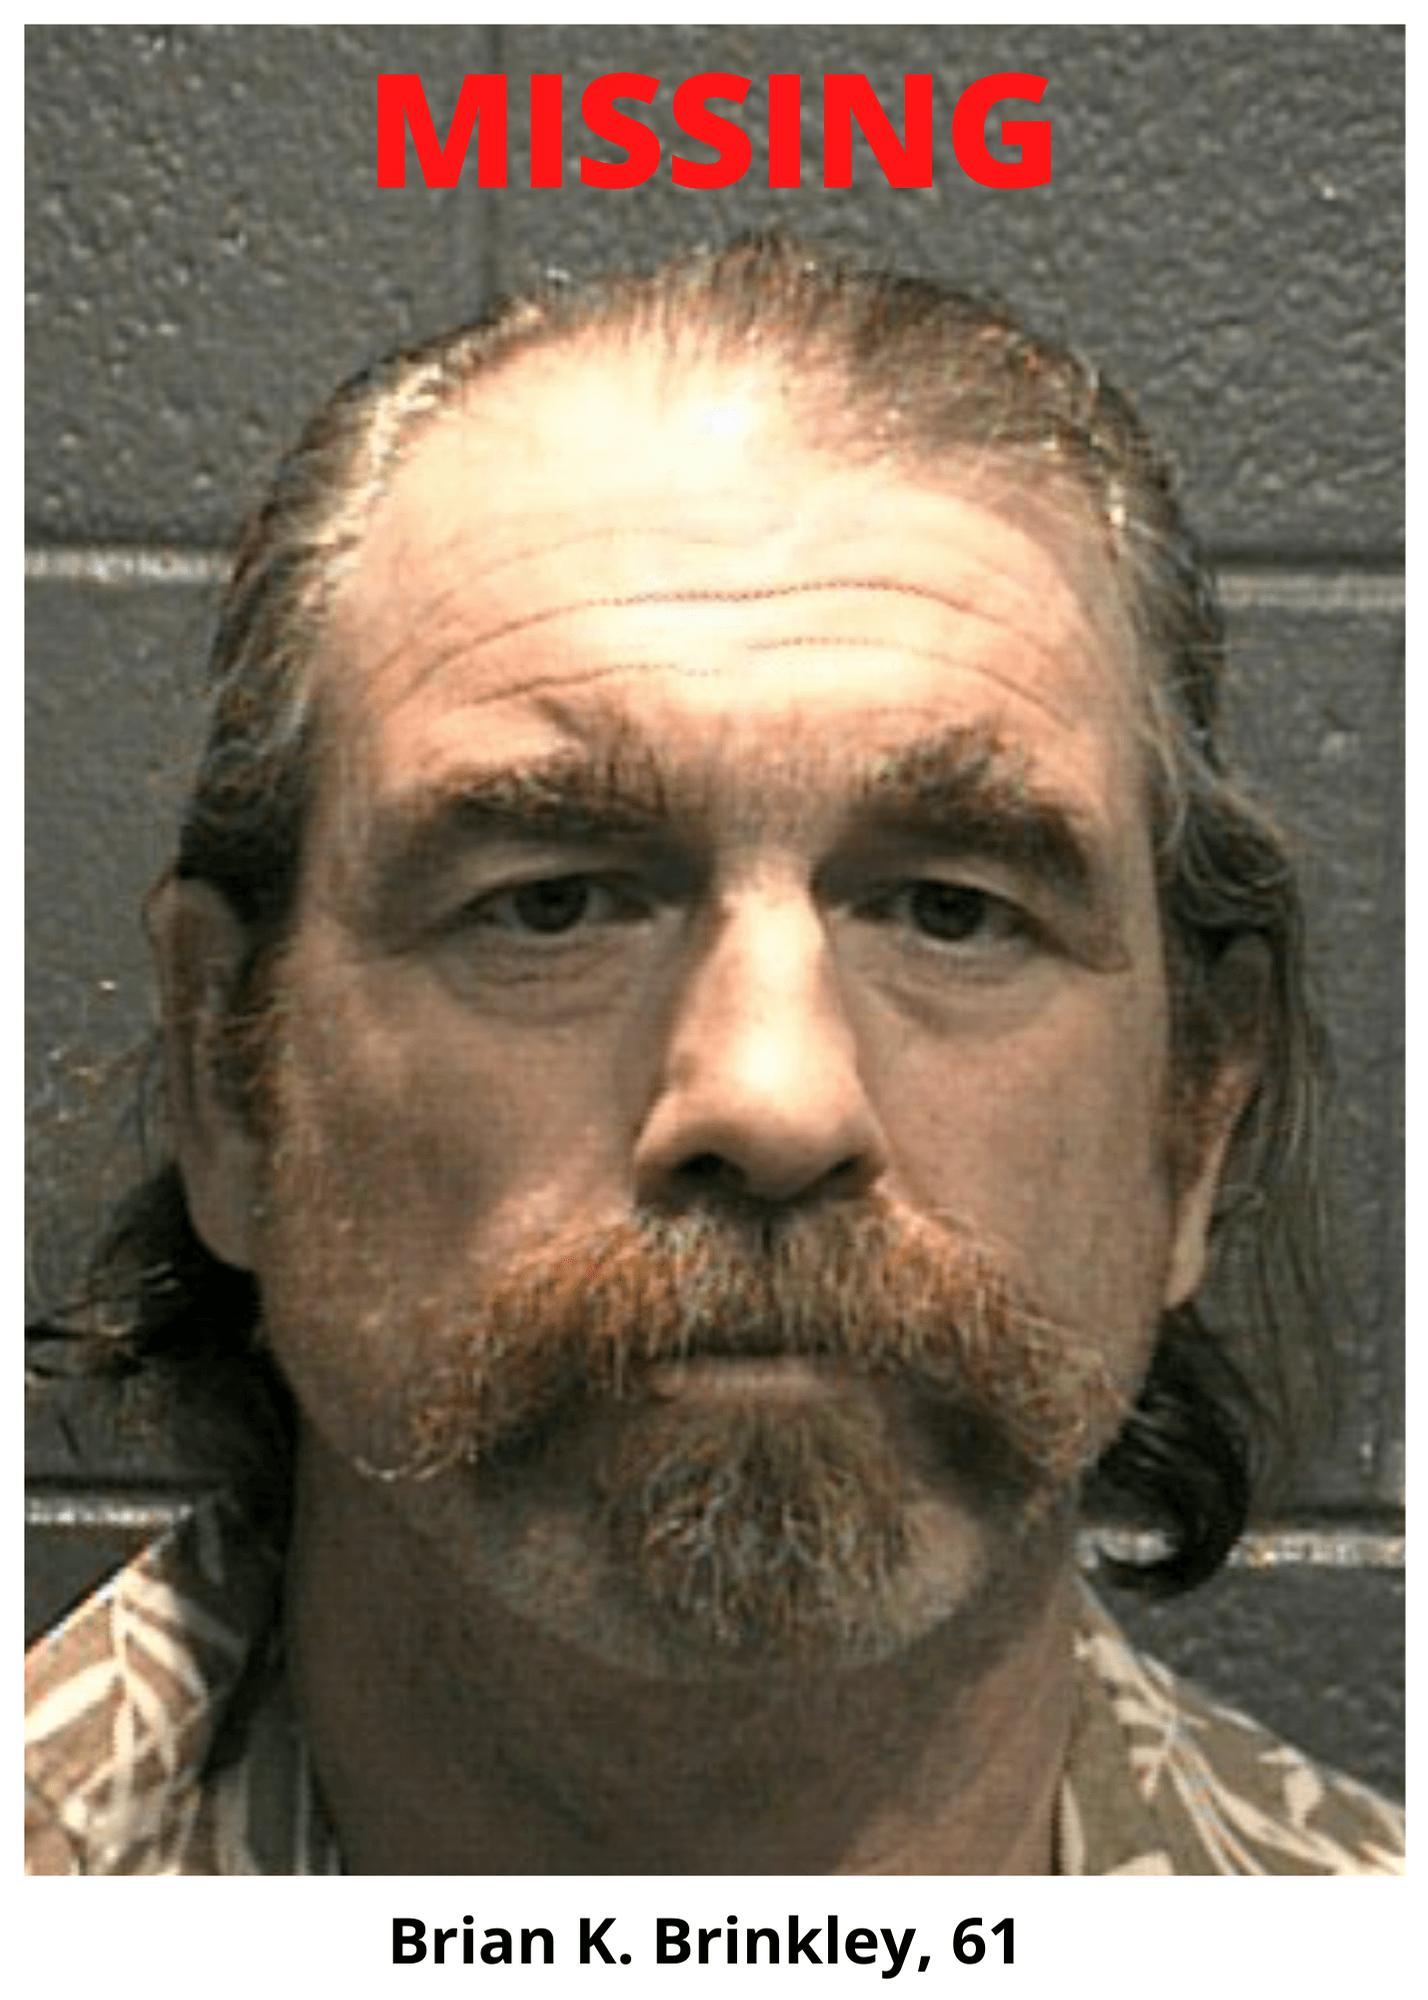 Missing Person Brian K Brinkley